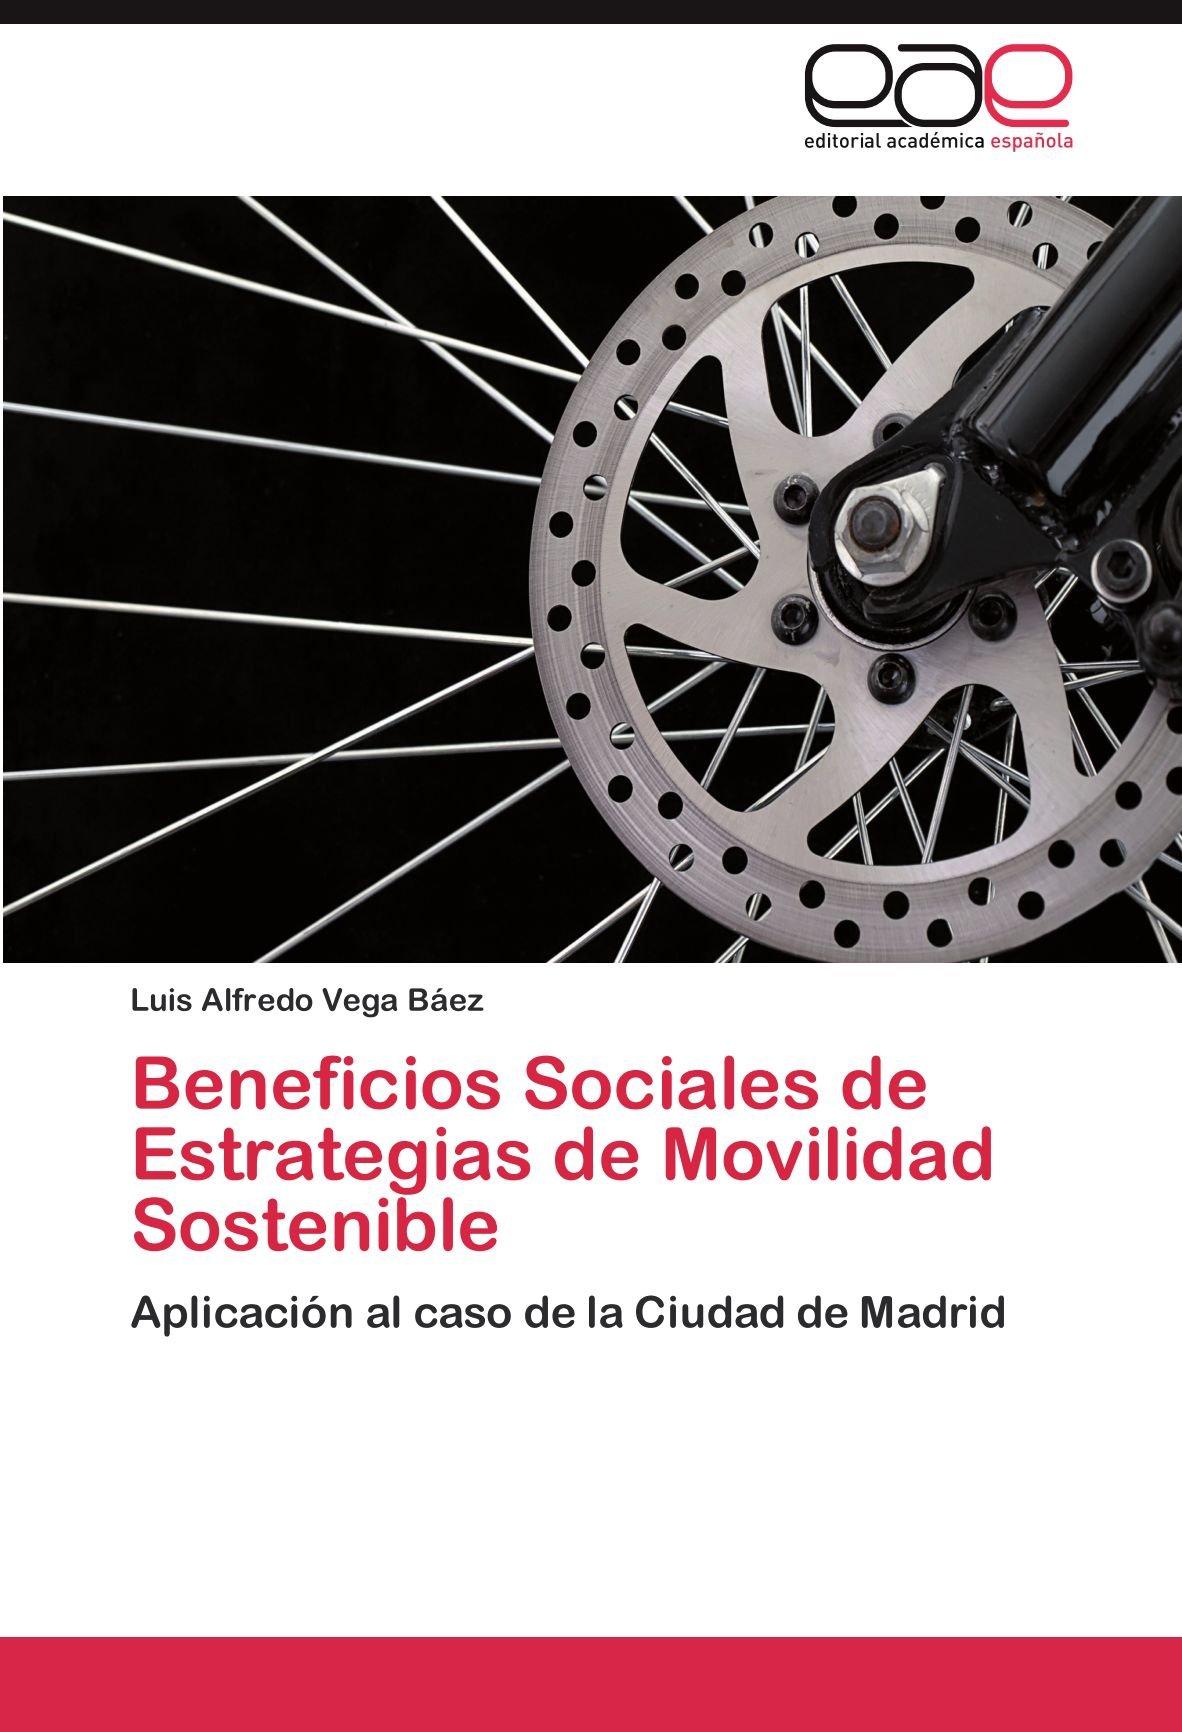 Beneficios Sociales de Estrategias de Movilidad Sostenible: Aplicación al caso de la Ciudad de Madrid: Amazon.es: Vega Báez, Luis Alfredo: Libros